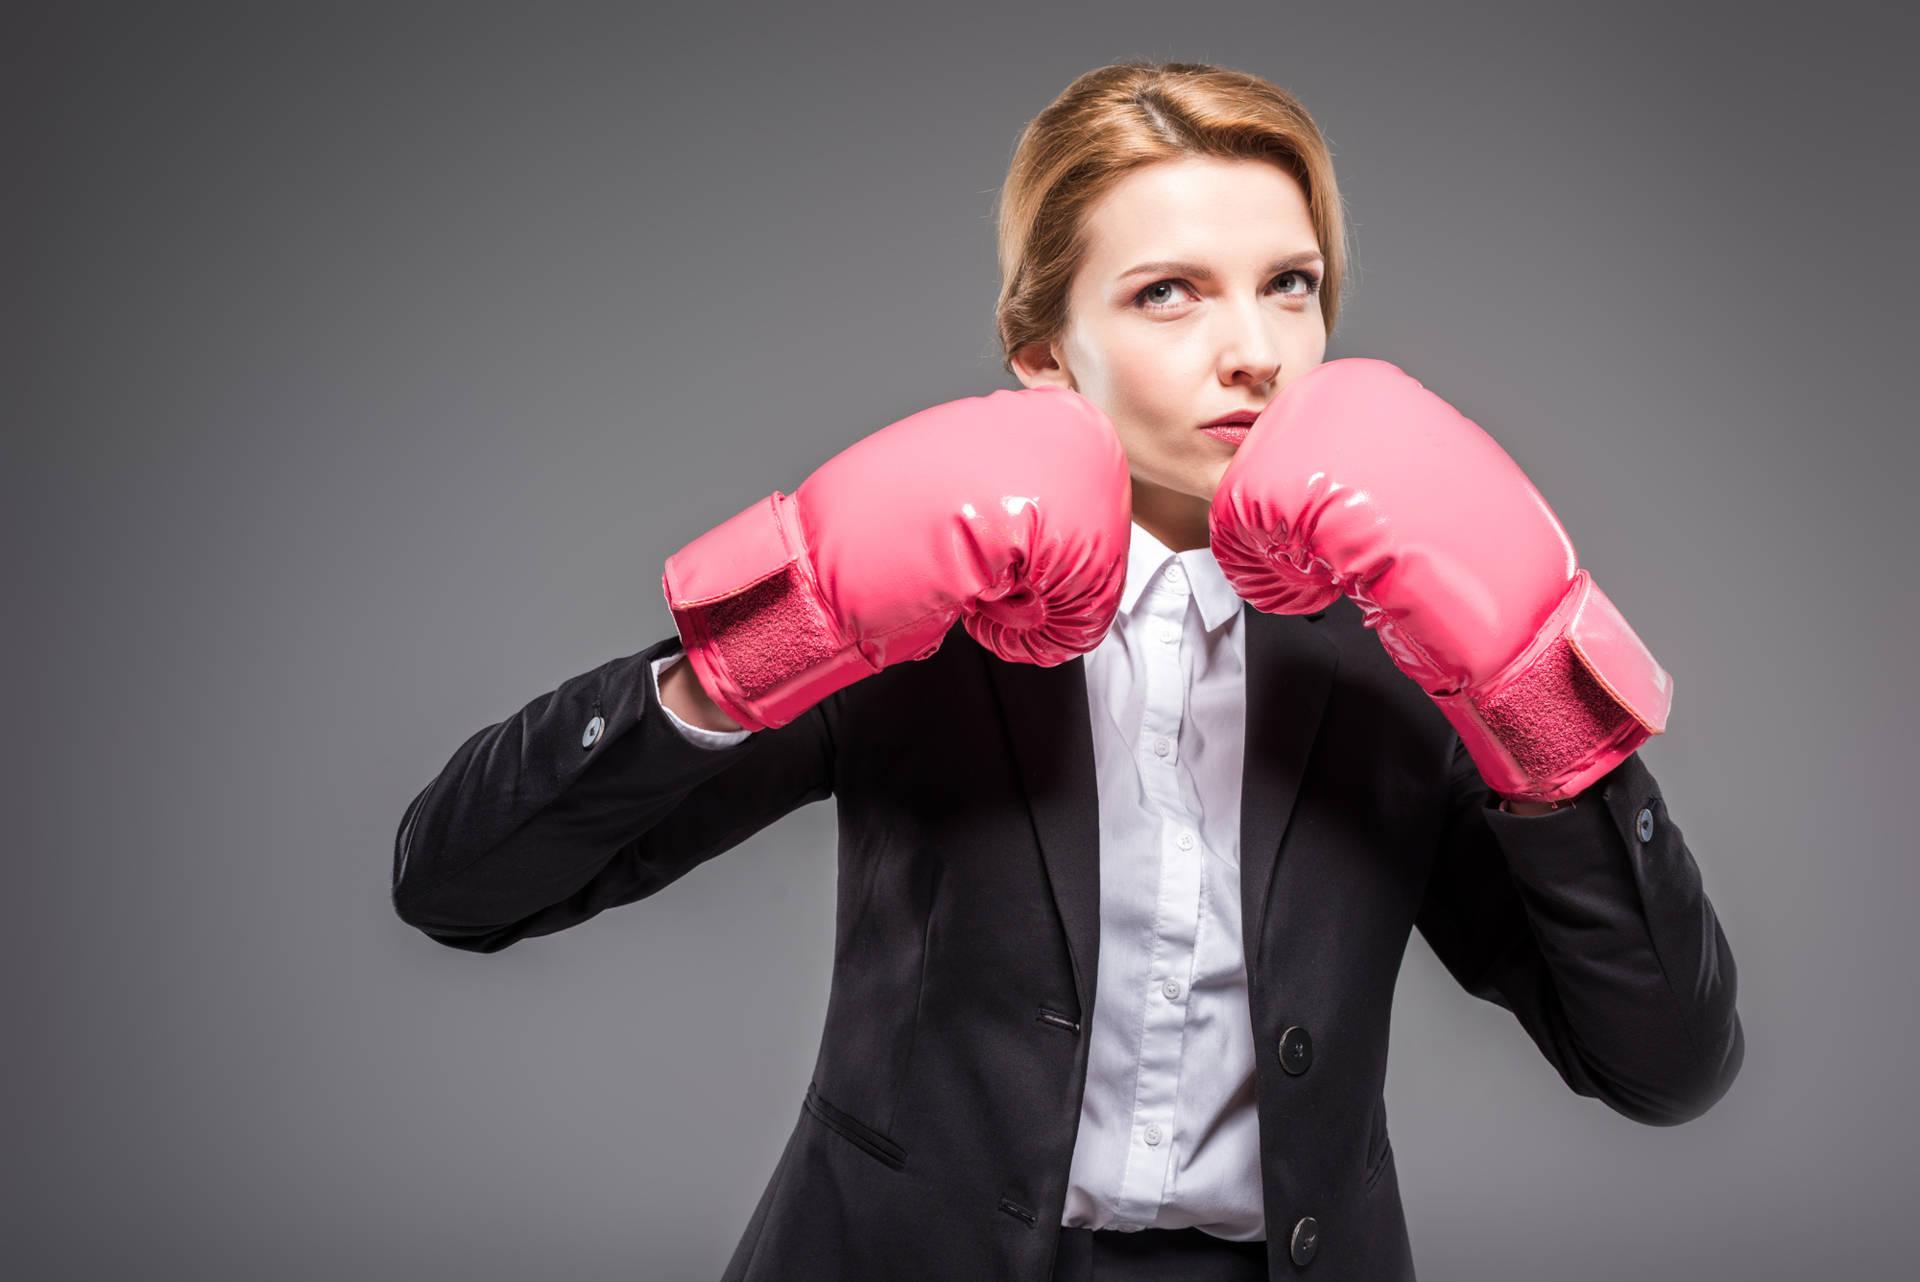 La newsletterse met au service des combats féministes